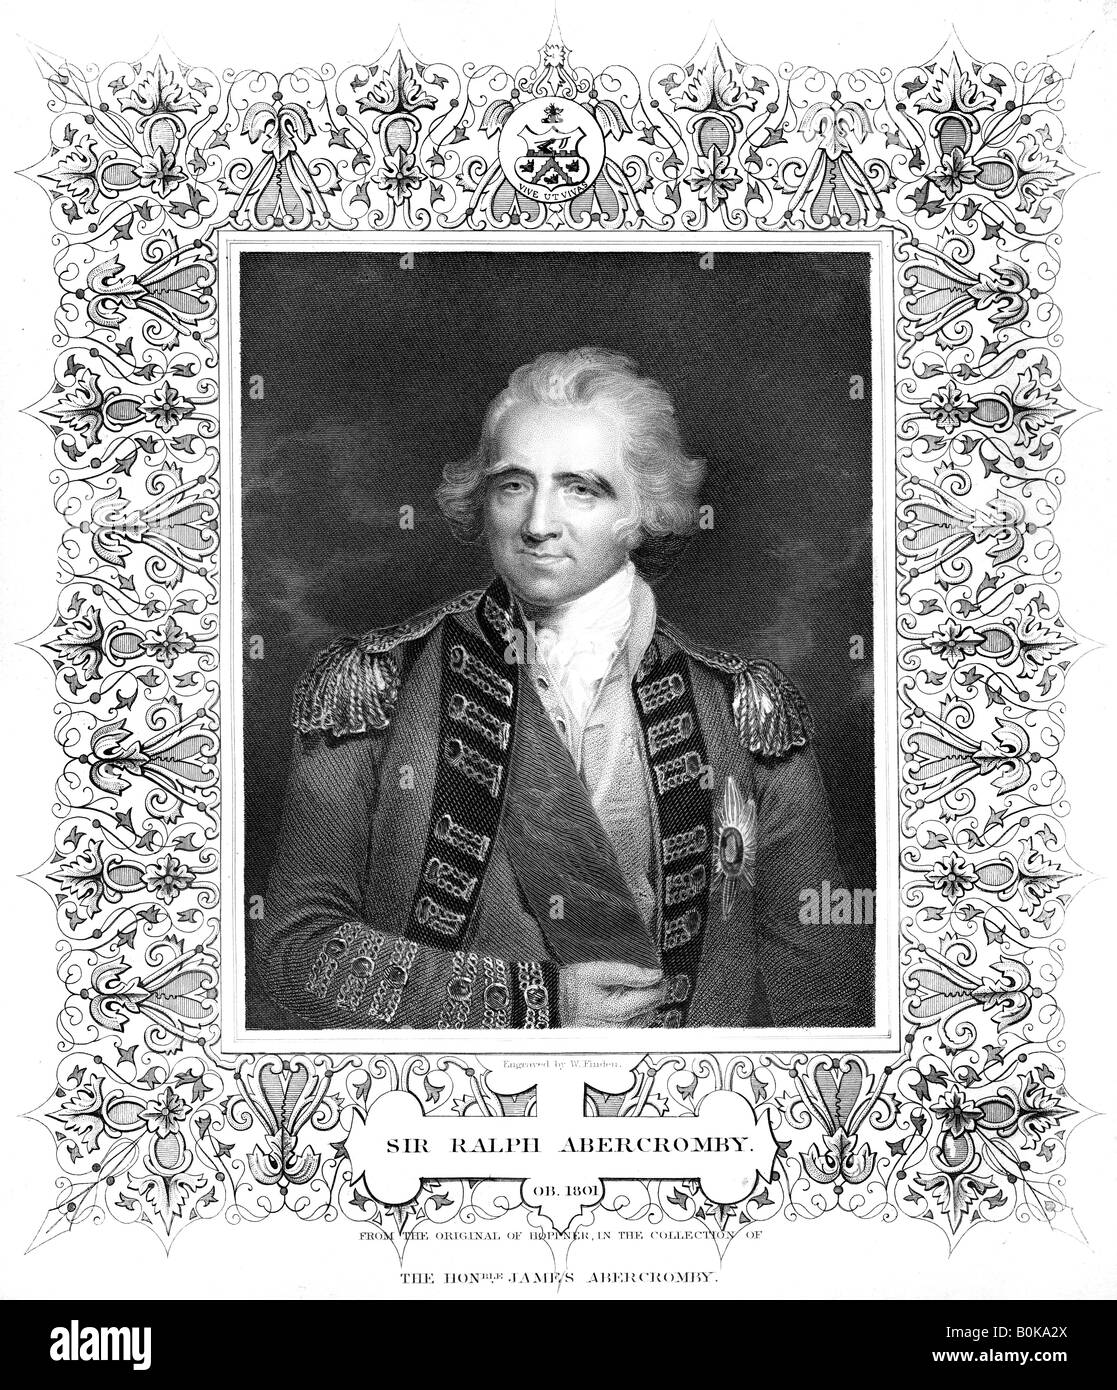 Sir Ralph Abercromby, British general.Artist: William Finden - Stock Image